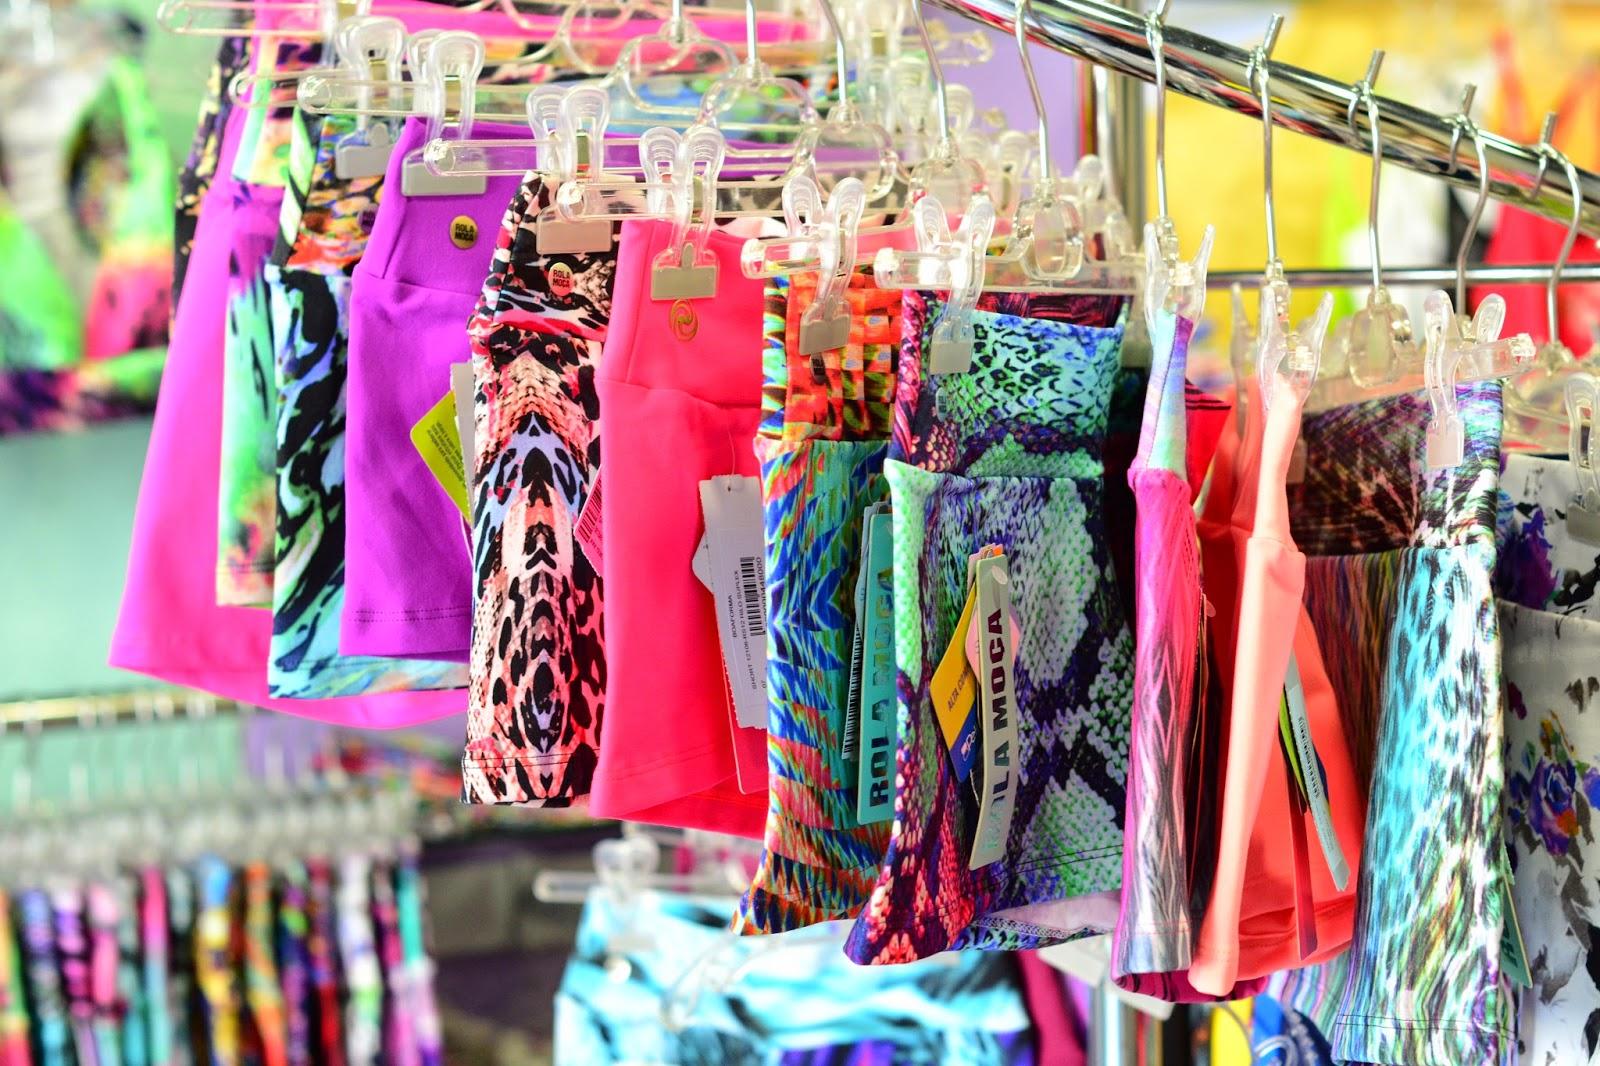 Mary azucarillos momento deporte dise o y color - Brasilena ropa interior ...